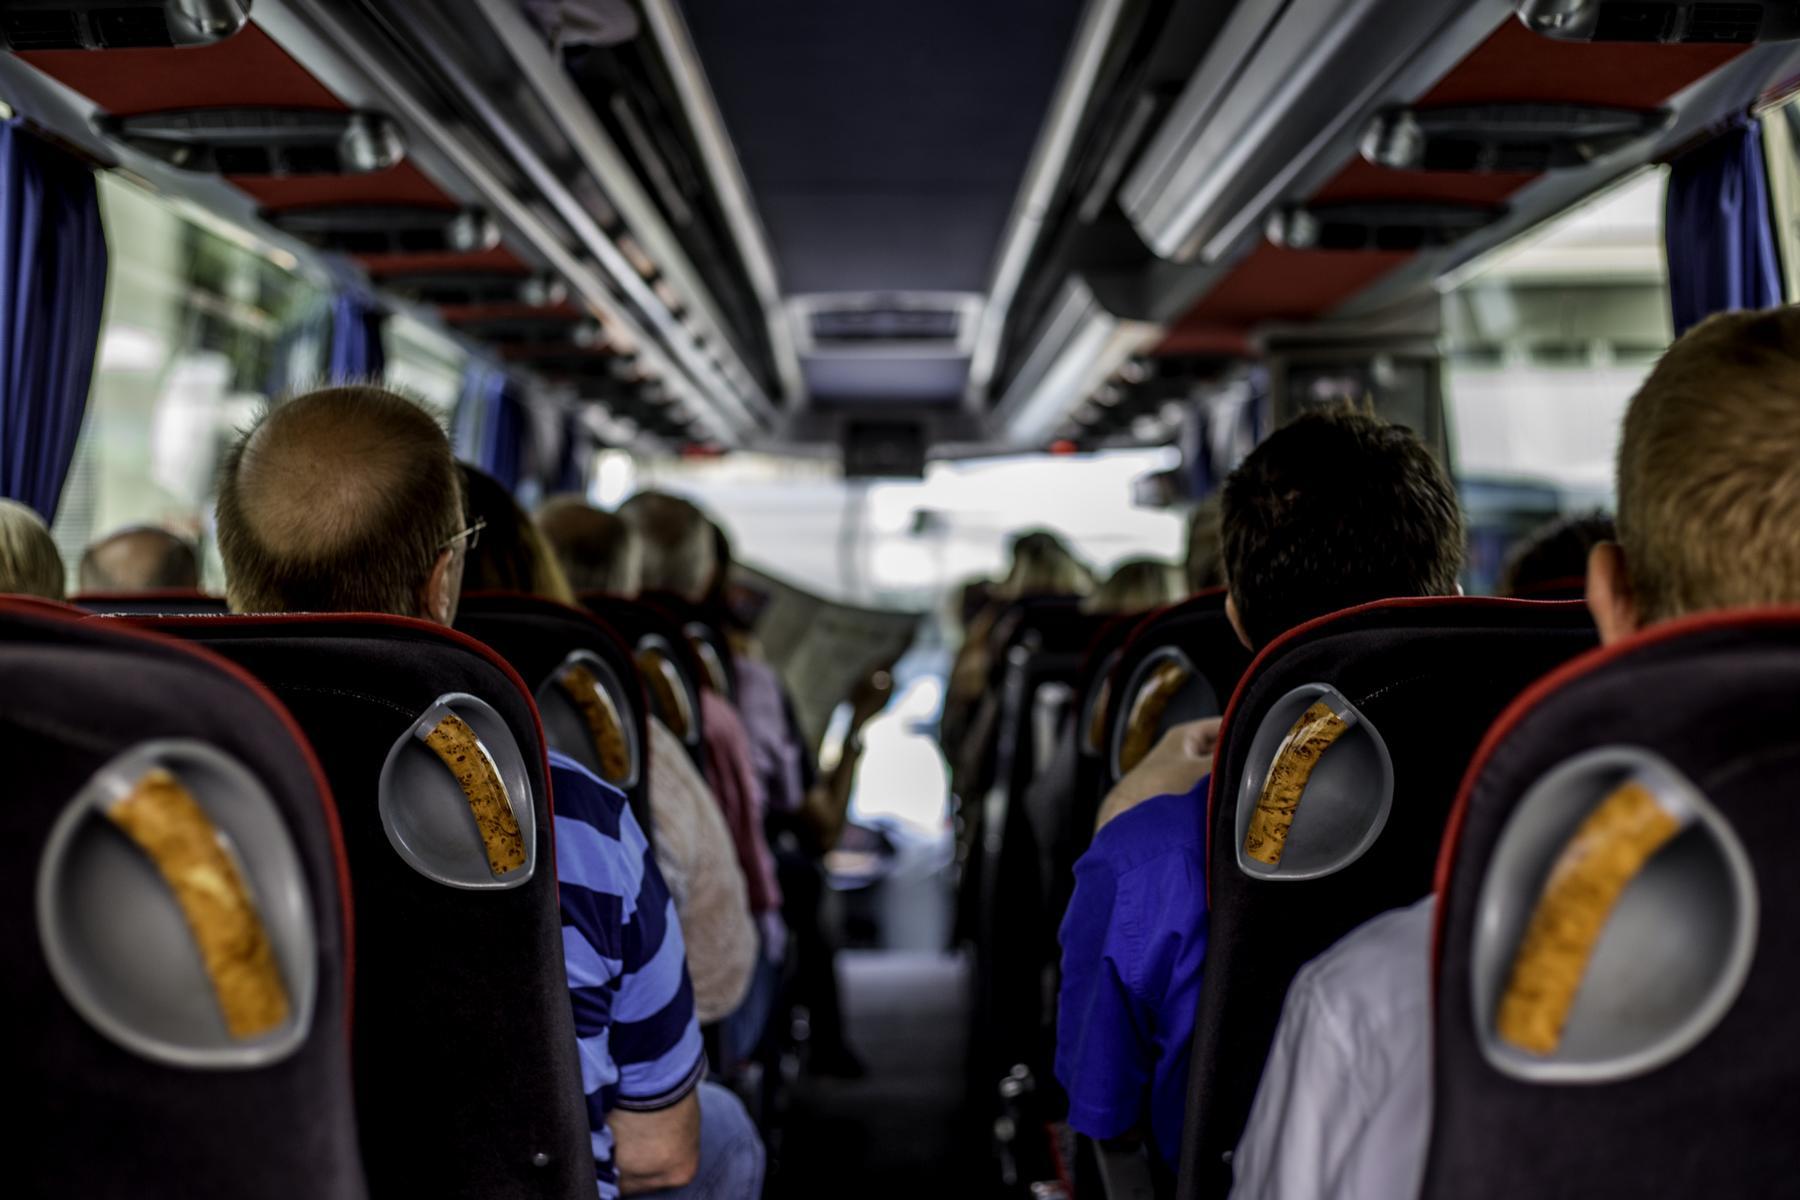 AltText: Ein Bus, in dem viele Leute sitzen, die einen Betriebsausflug machen.